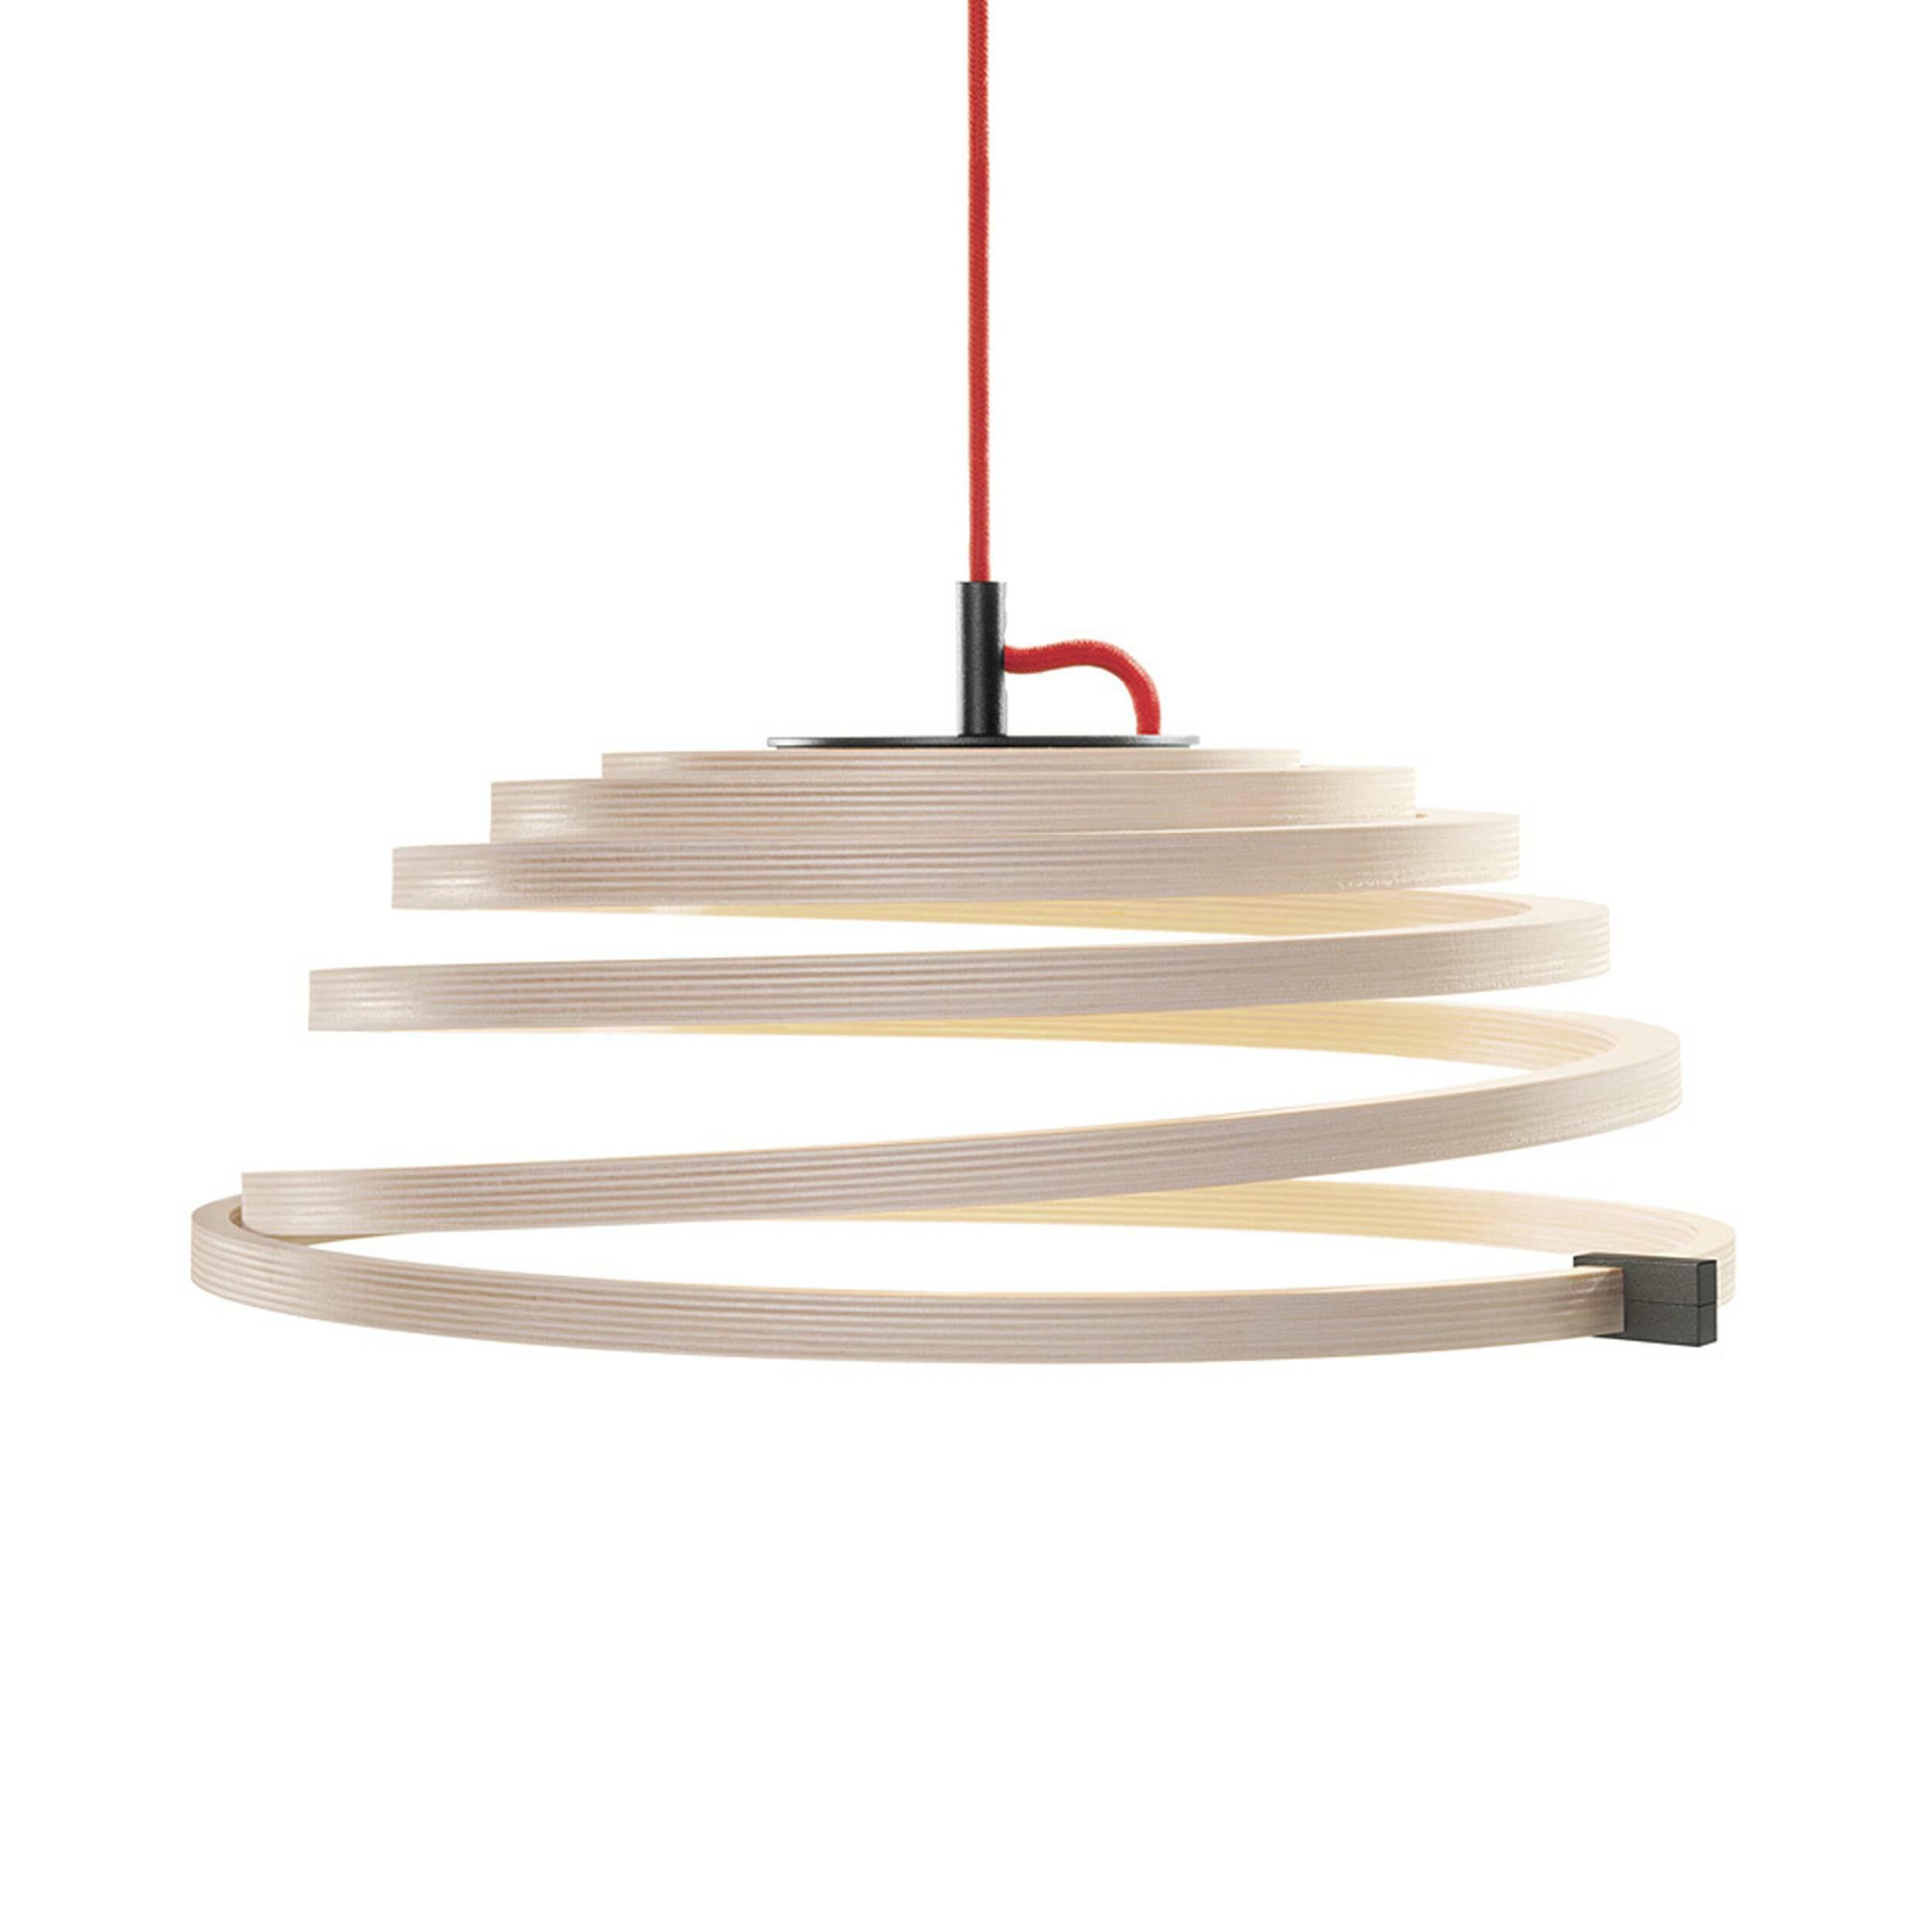 Подвесной светильник Aspiro 8000Подвесные<br>Подвесной светильник Aspiro 8000 от финского дизайнера Сеппо Кохо очаровывает своей спиралевидной формой из прессованной березы. В качестве источника света используются светодиодные лампы. Древесина обеспечивает мягкое привлекательное свечение, создающее умиротворяющую атмосферу, а светодиодные лампы — это долговечные, экологичные и энергосберегающие источники света.<br><br><br><br> Подвесной светильник Aspiro 8000, созданный Сеппо Кохо, опережает свое время. Идея светильника родилась в голове м...<br><br>stock: 1<br>Высота: 25-35<br>Диаметр: 50<br>Материал арматуры: Береза<br>Мощность лампы: 13<br>Теплота света: 3000<br>Тип лампы/цоколь: LED<br>Цвет арматуры: Натуральный